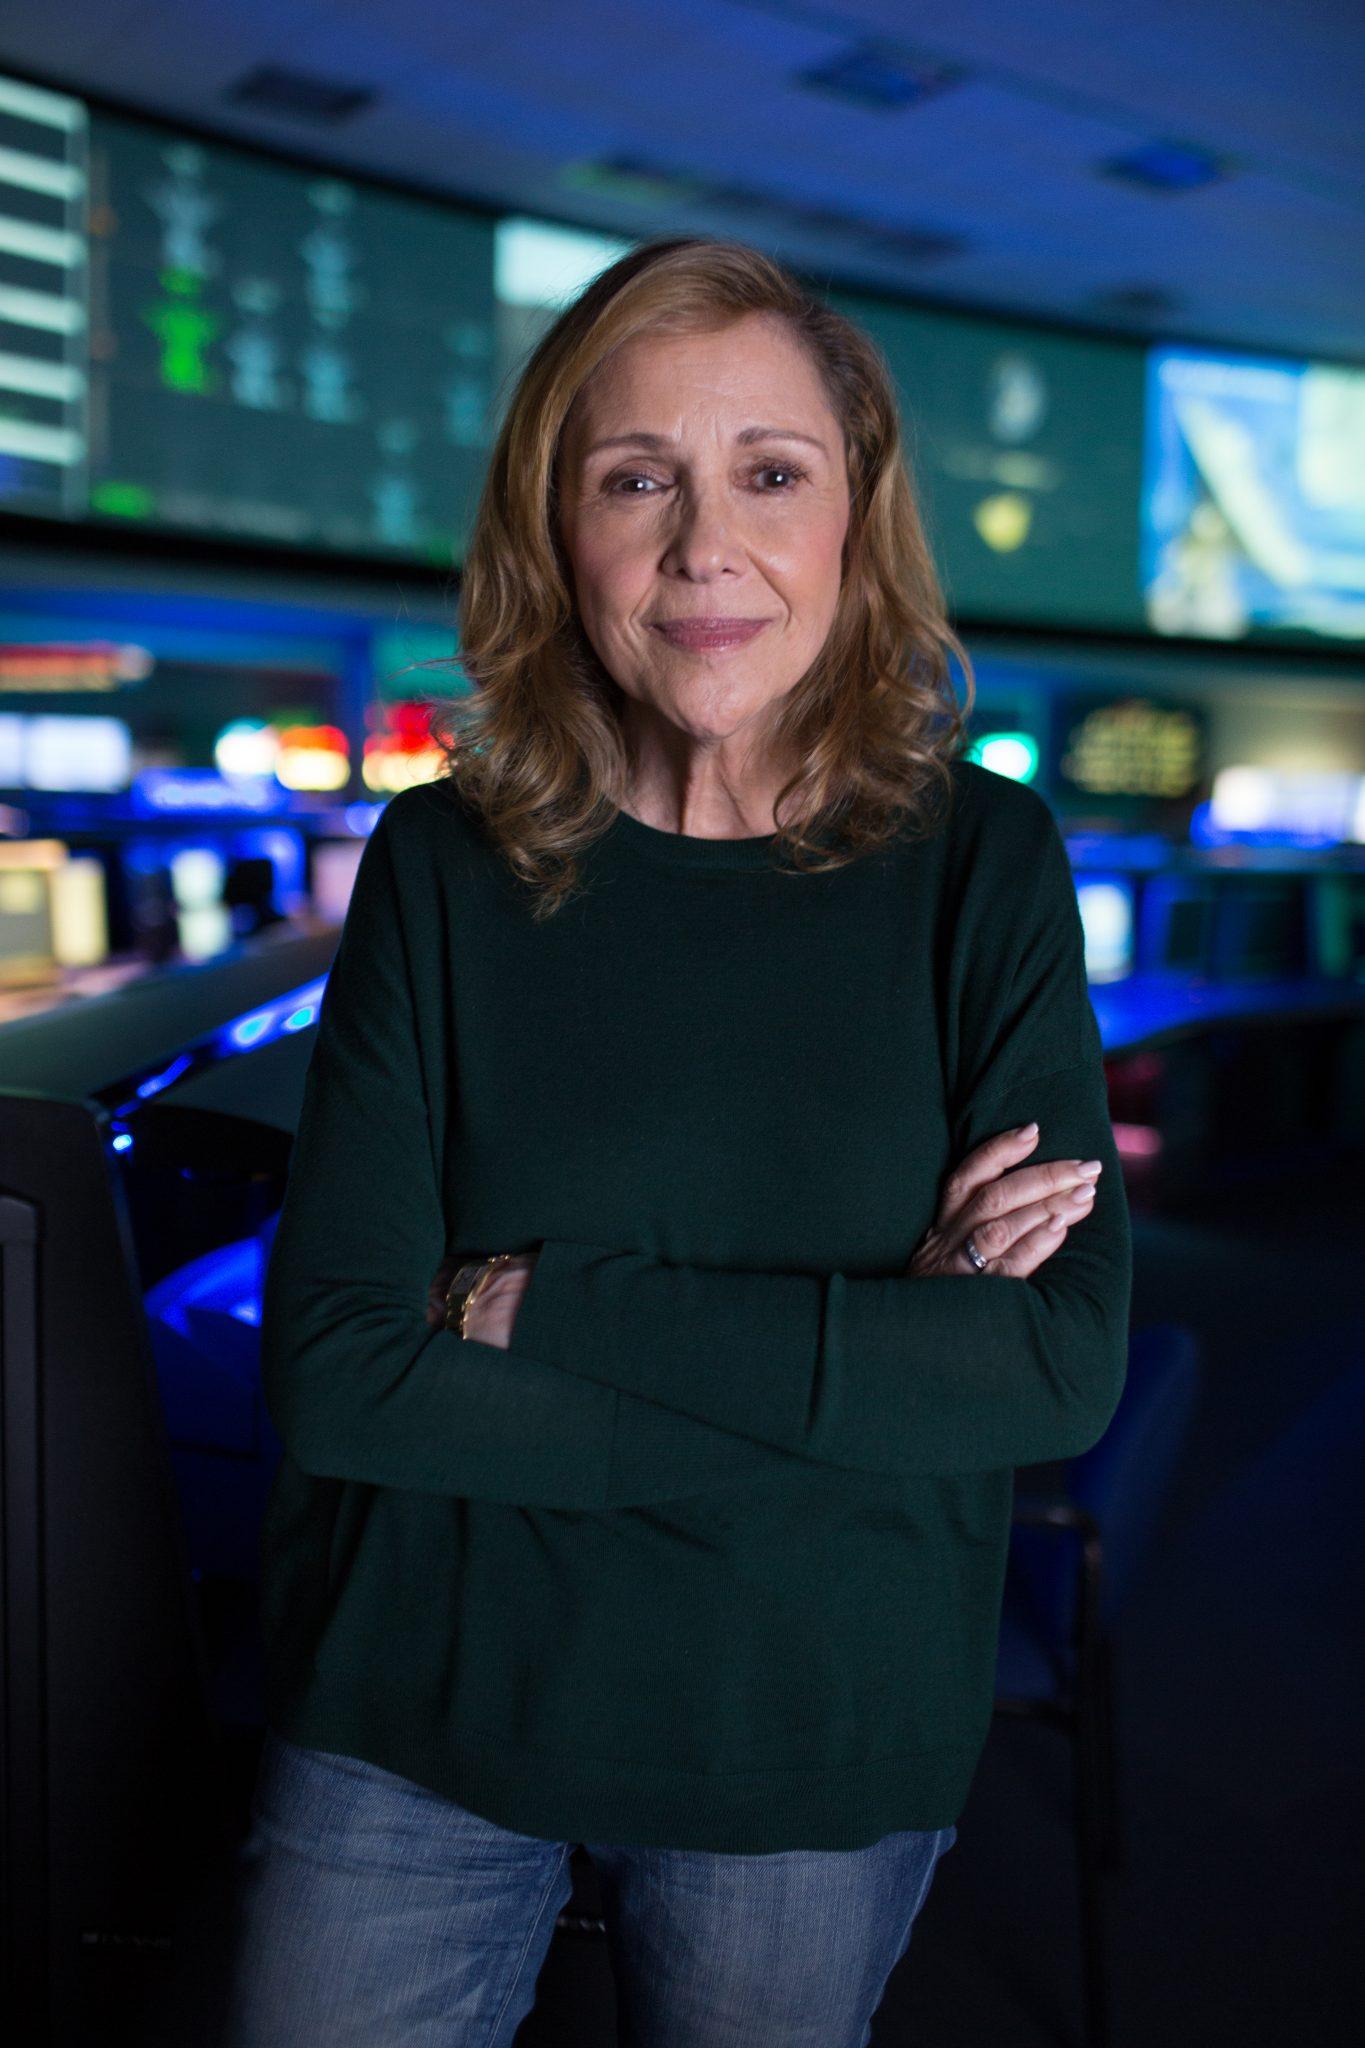 criadora da série Cosmos e viúva de Carl Sagan